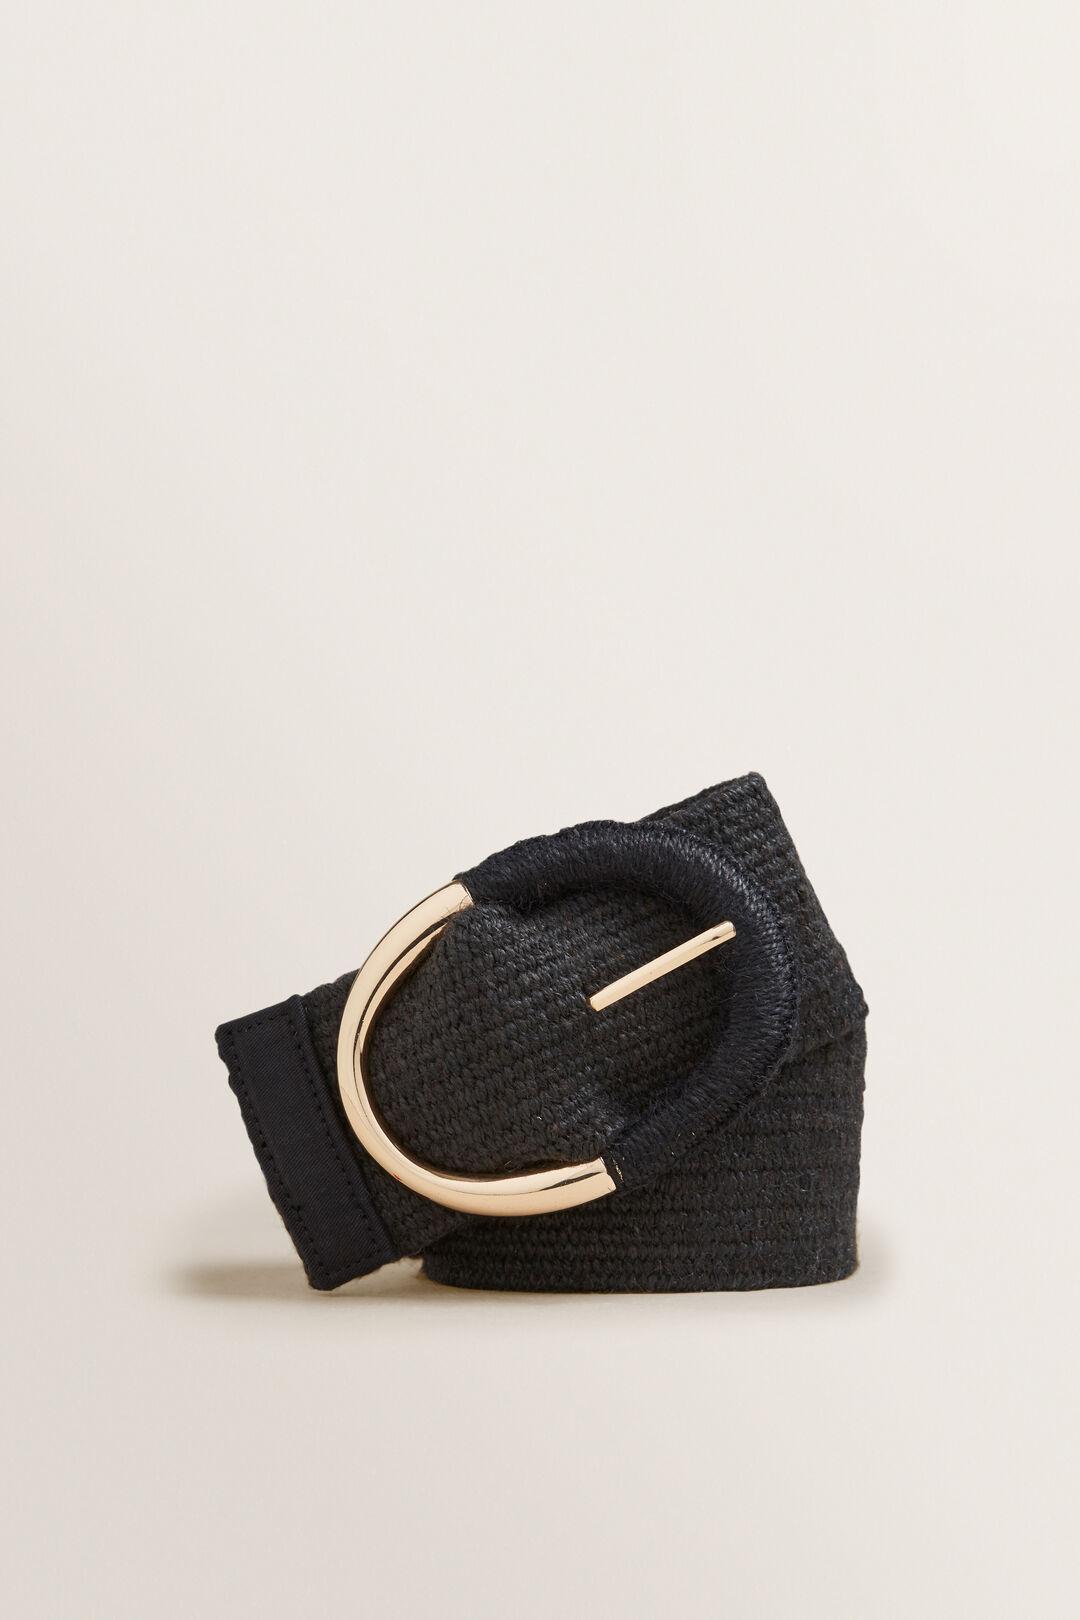 Oval Buckle Waist Belt  BLACK  hi-res